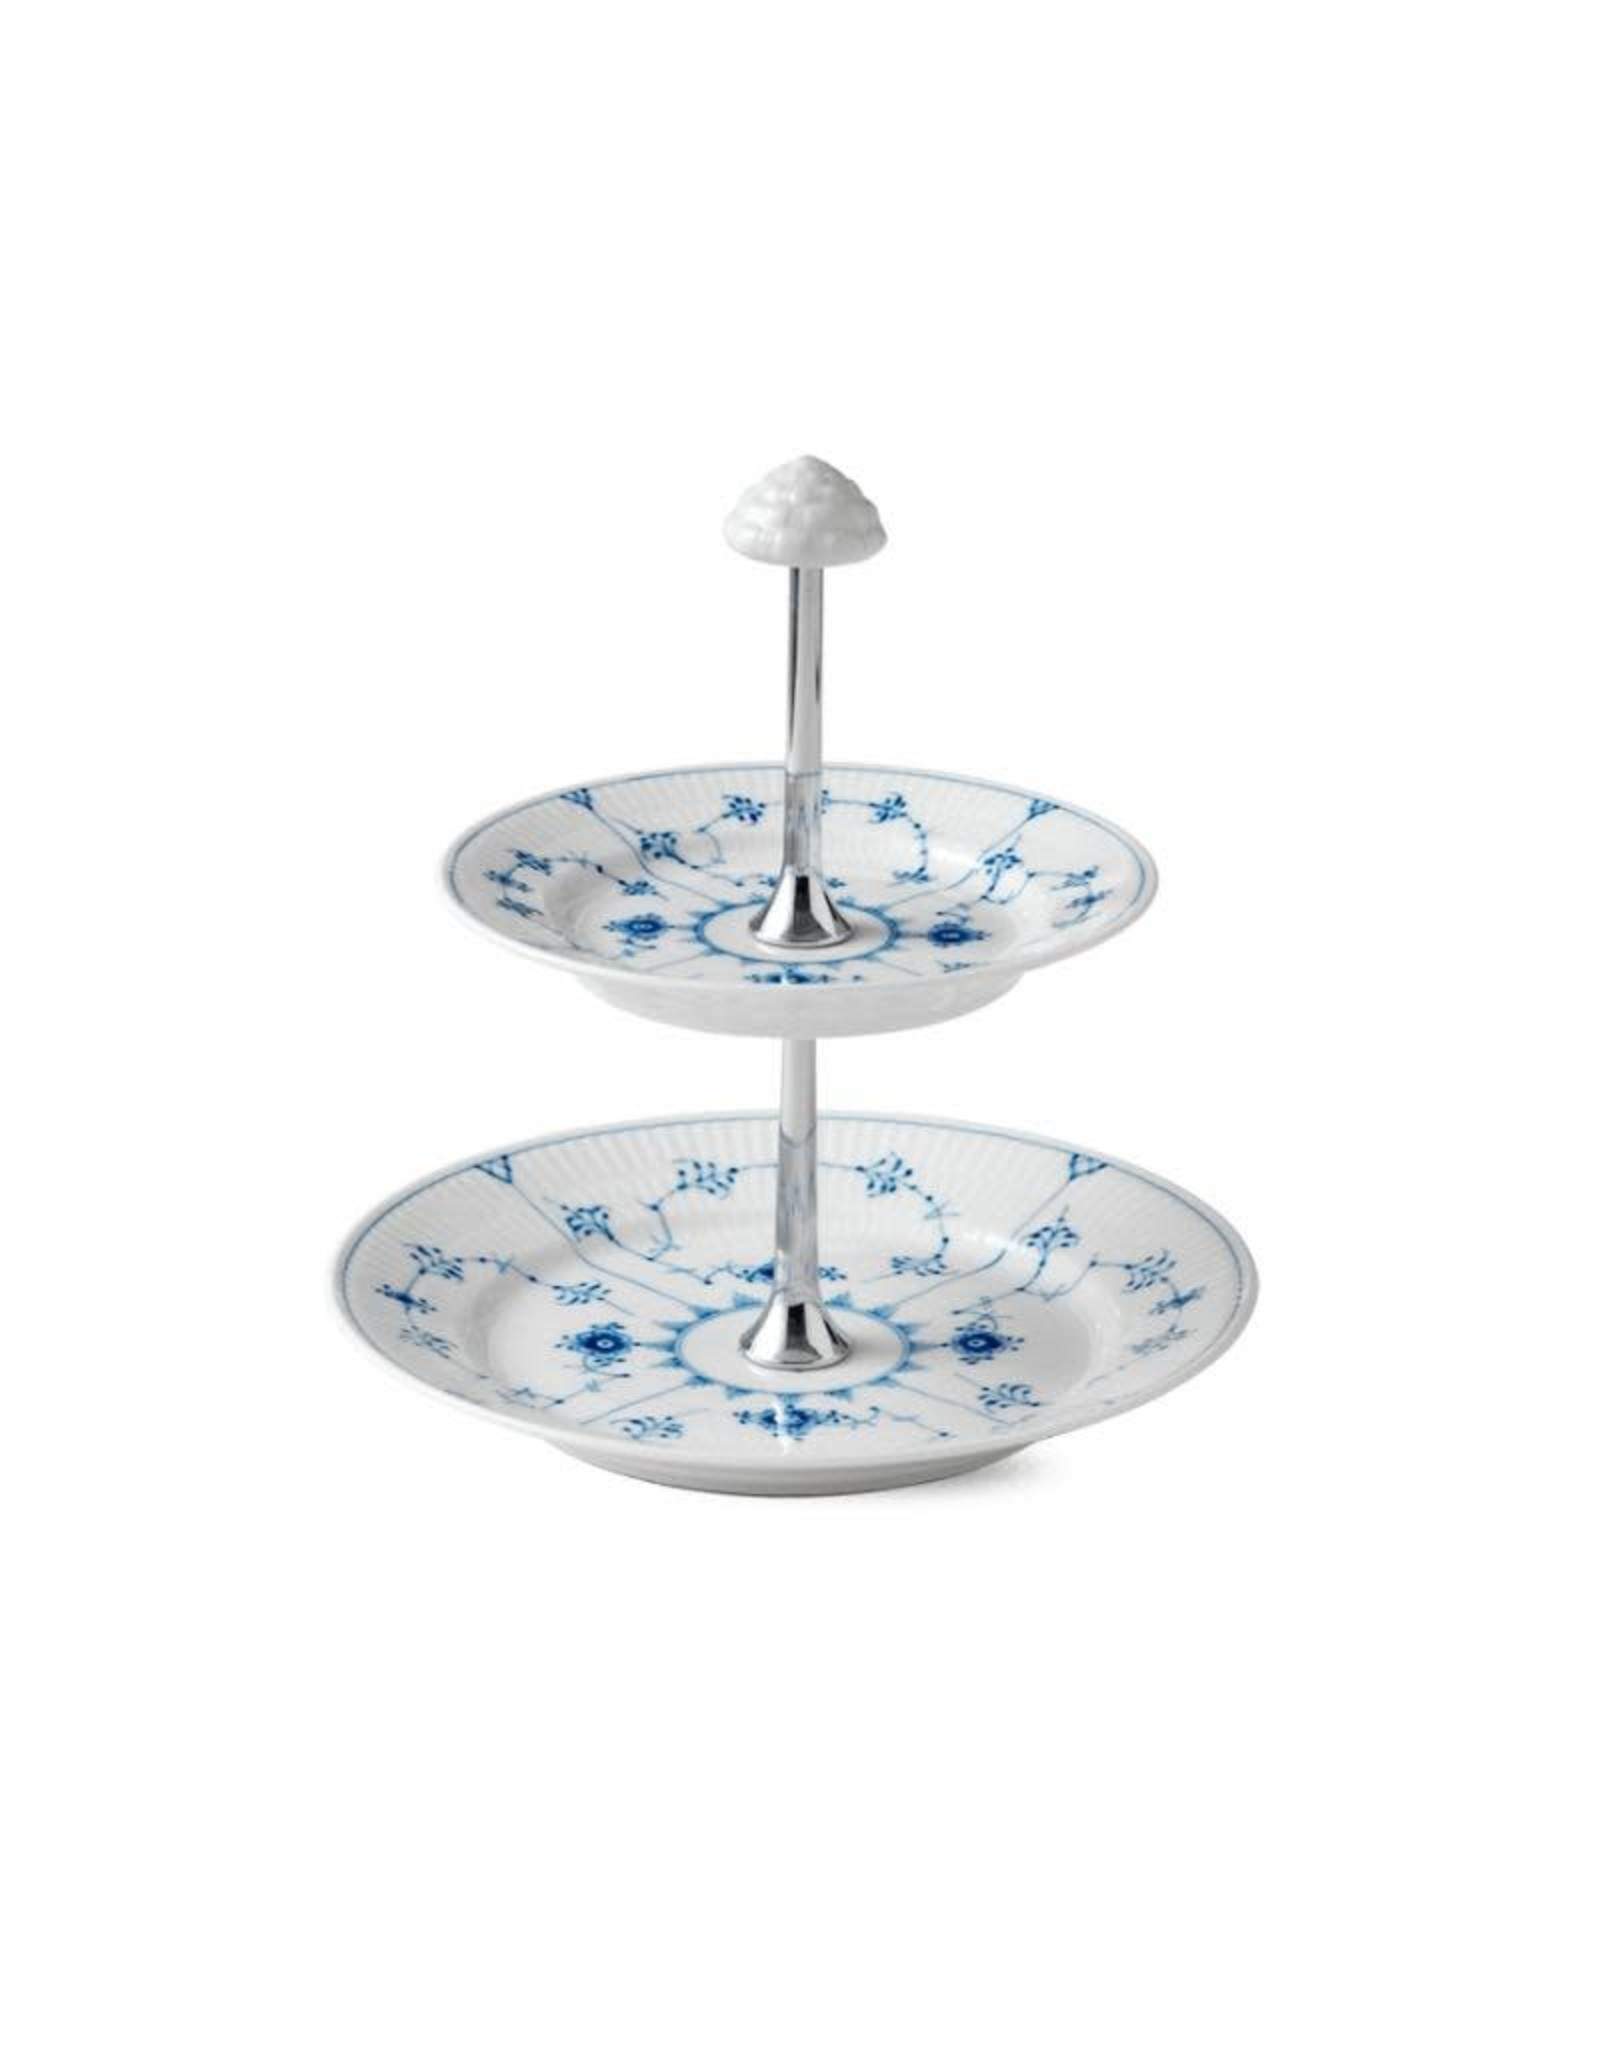 皇家哥本哈根BLUE FLUTE PLAIN兩層糕點架